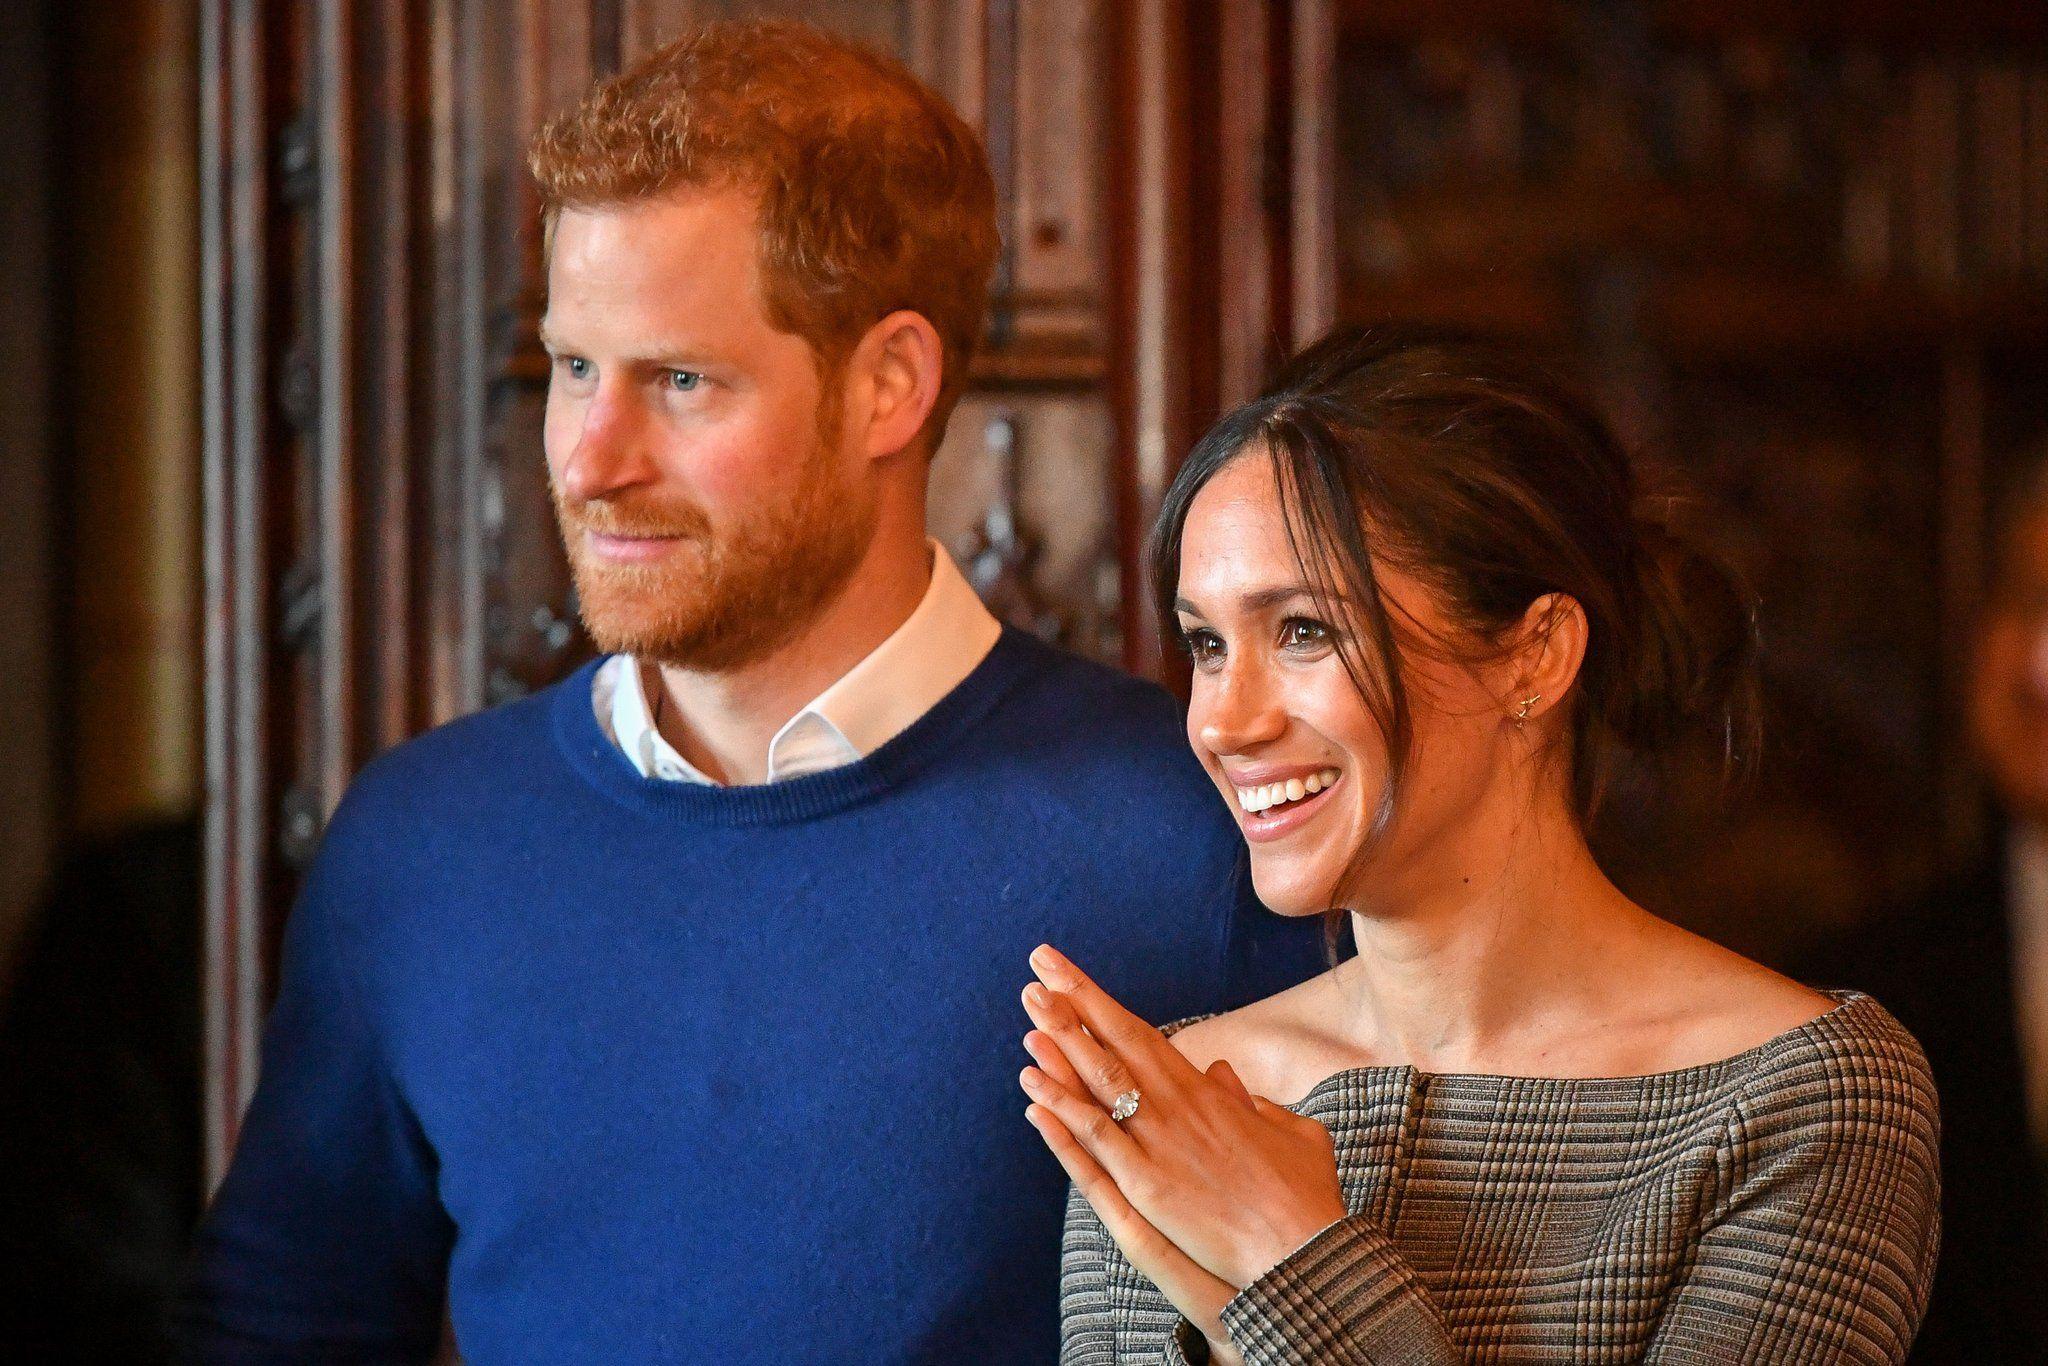 Príncipe Harry e Meghan Markle pedem que presentes de casamento sejam convertidos em doações